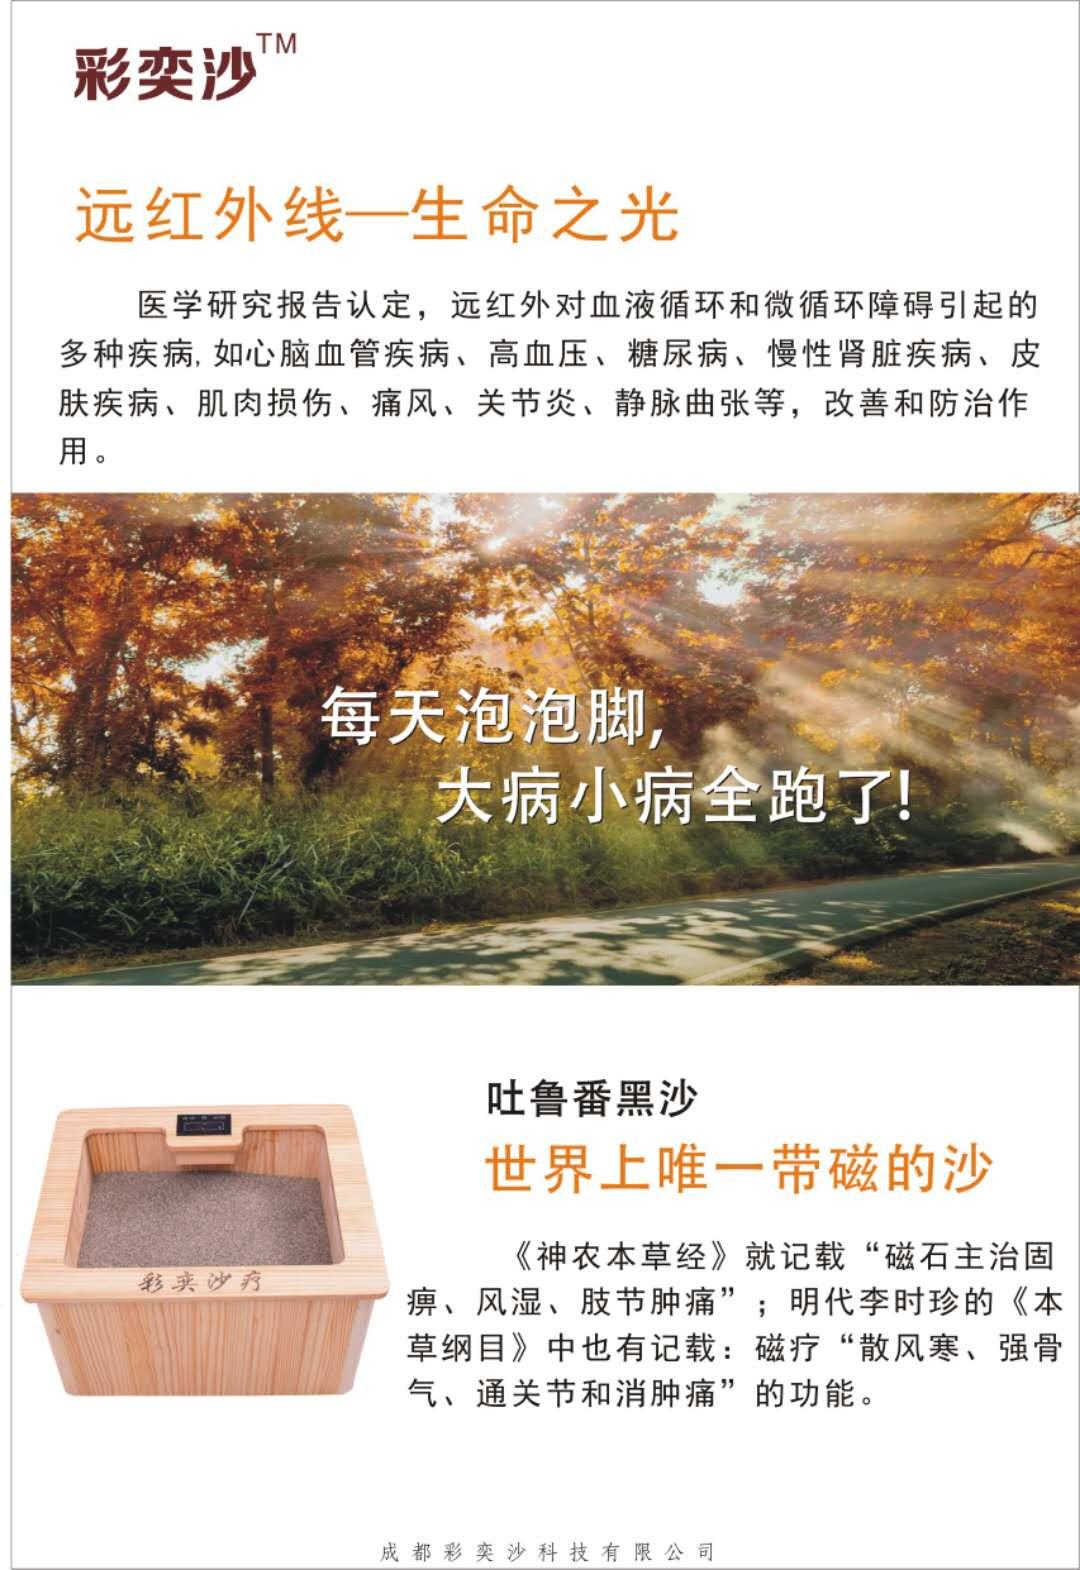 沙療桶 (2).jpg